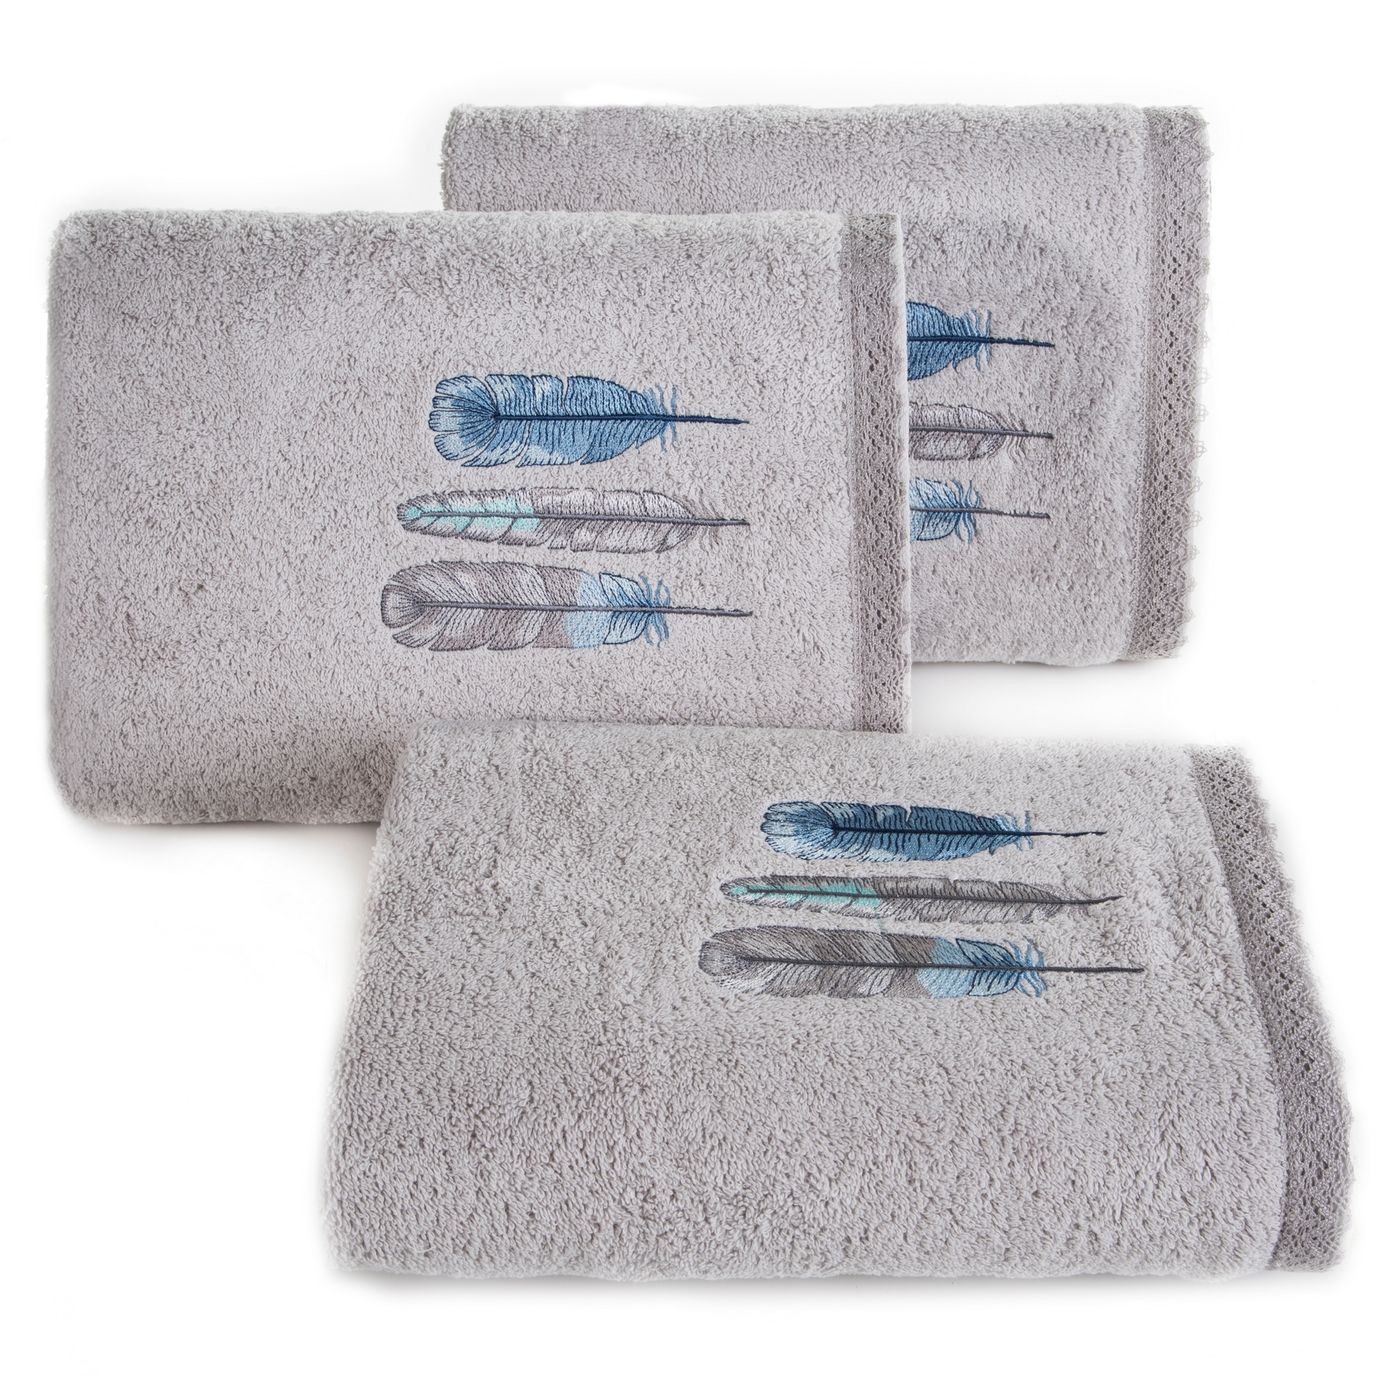 Haftowany ręcznik kąpielowy z motywem piór srebrny 70x140 cm